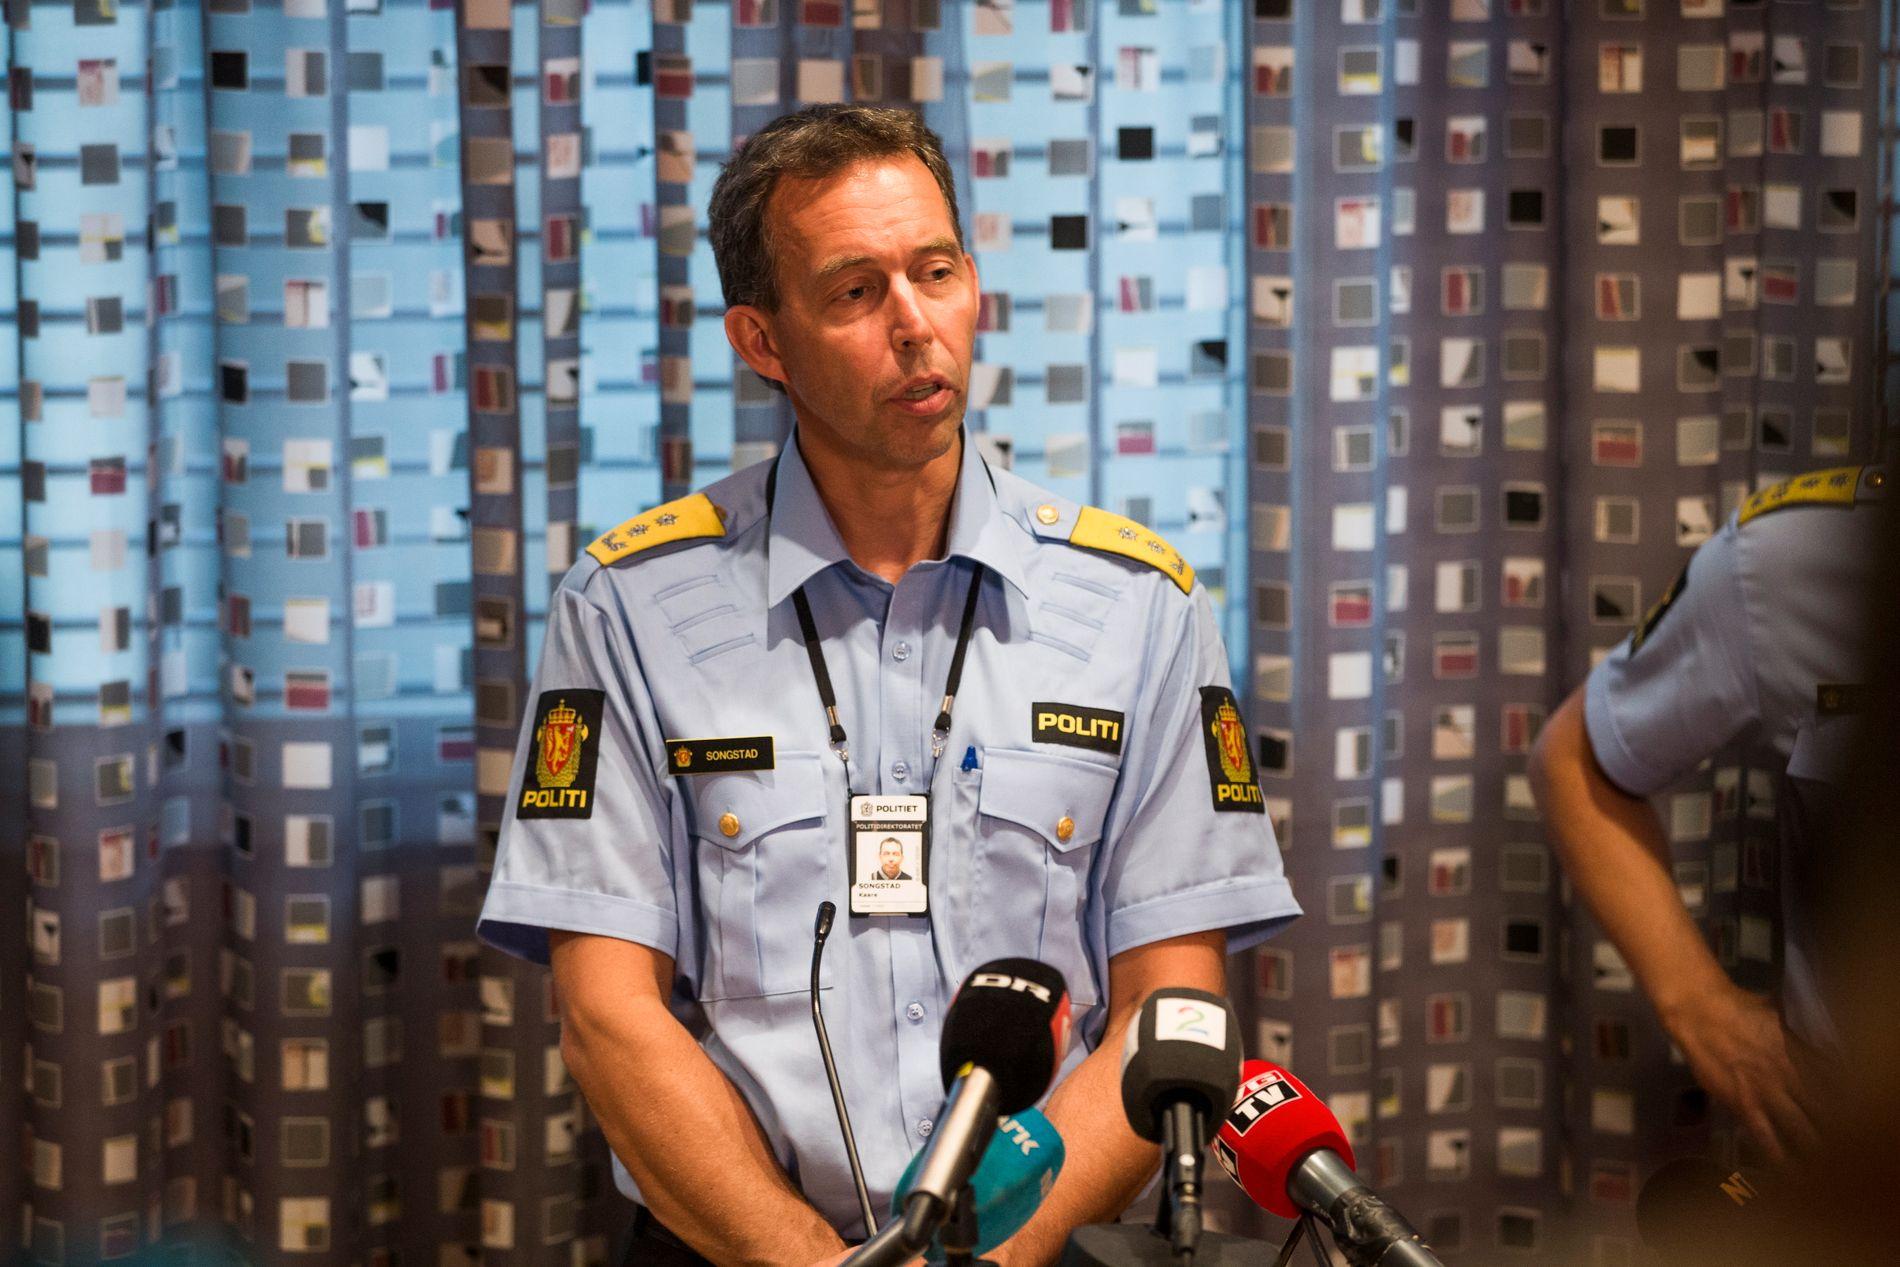 Politimester Kaare Songstad i Vest politidistrikt.